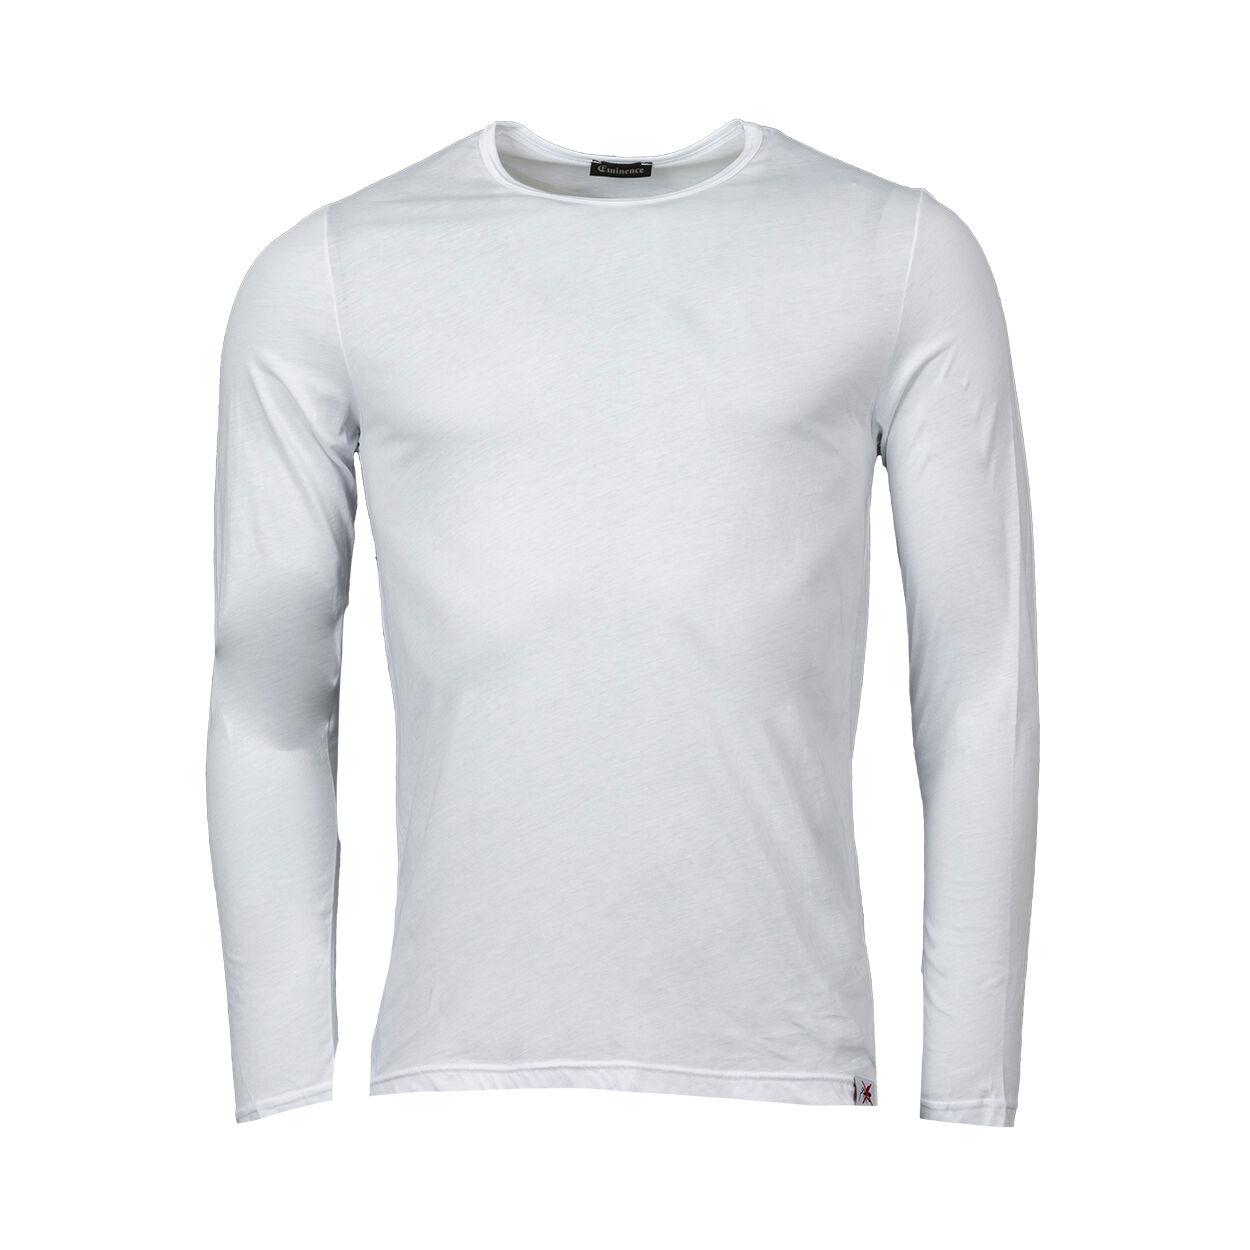 Eminence Tee-shirt anti-moustiques à col rond Eminence en coton blanc - BLANC - M